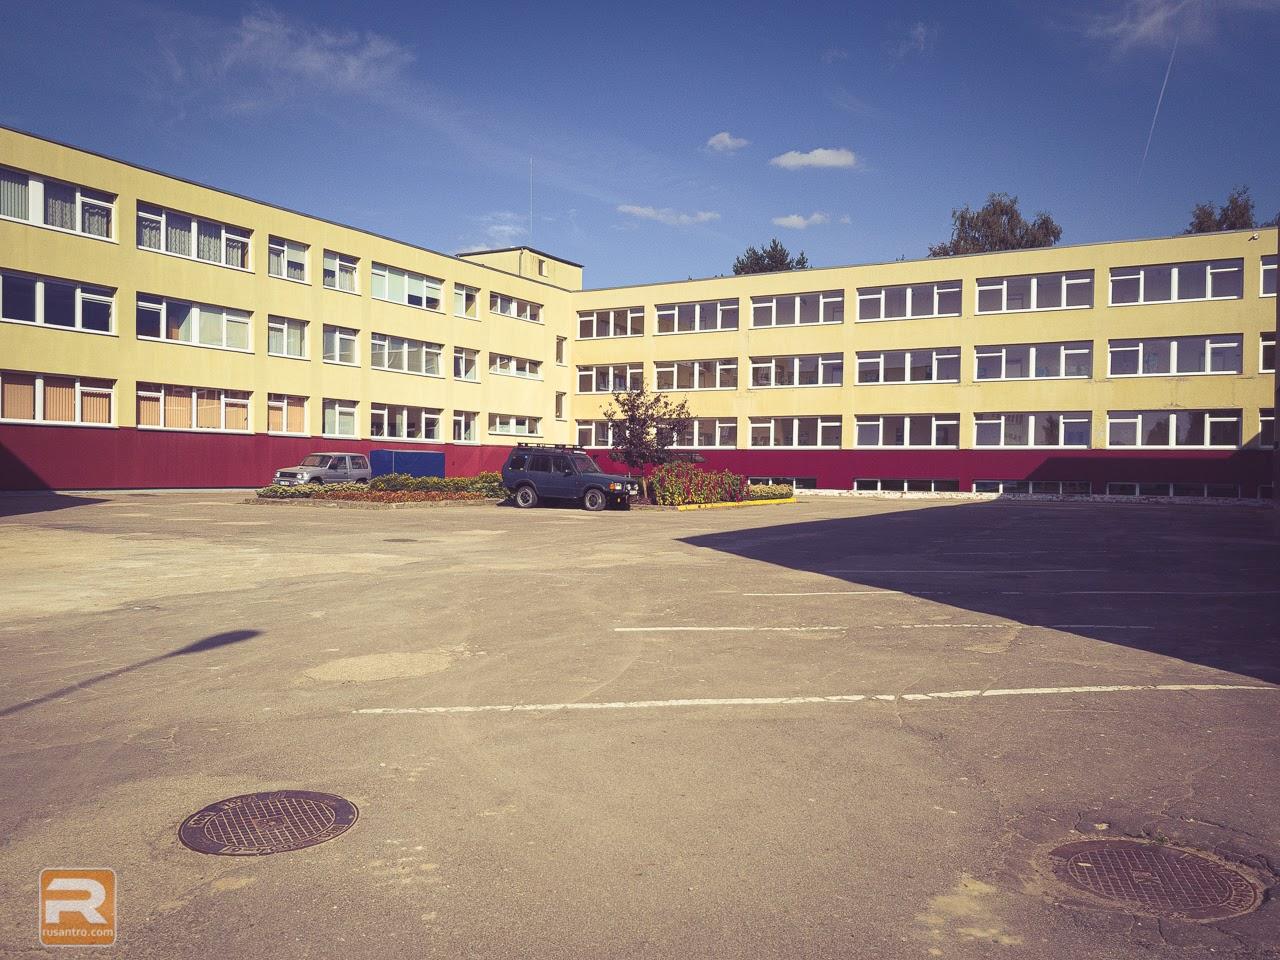 Jelgavas 6. vidusskola